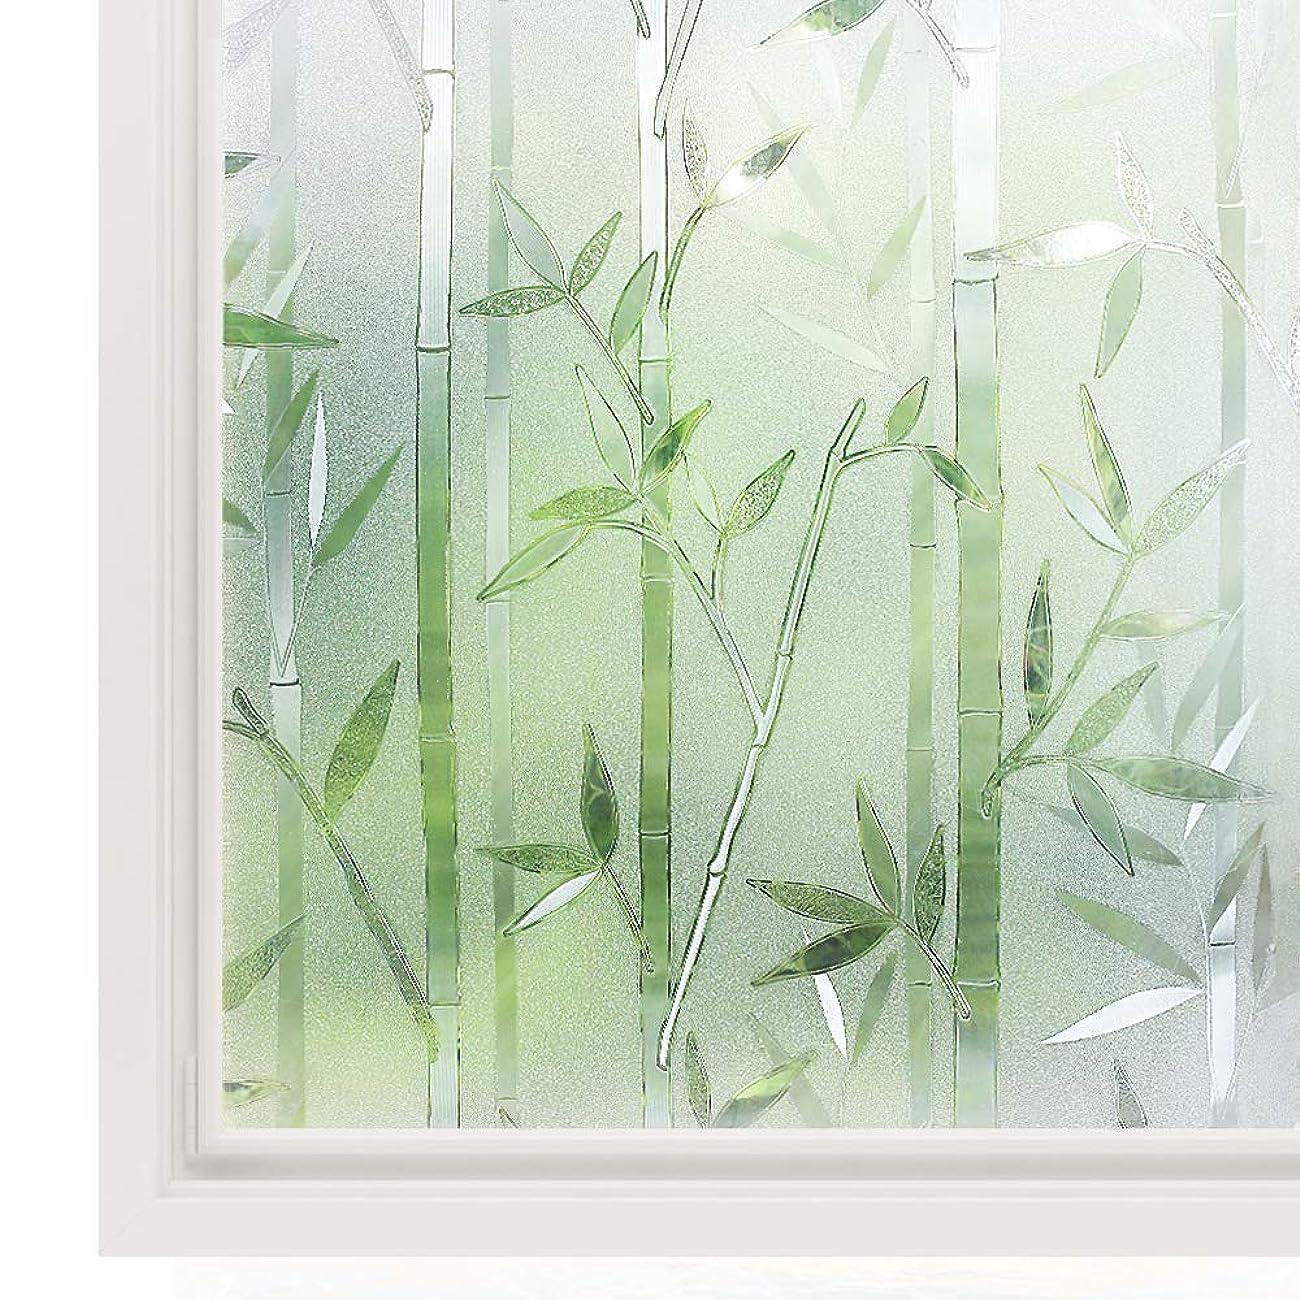 銛あいまい均等に複数のサイズが利用可能3Dプライバシーウィンドウフィルム接着剤なし静的粘着ガラスフィルムつや消し装飾ガラスステッカー